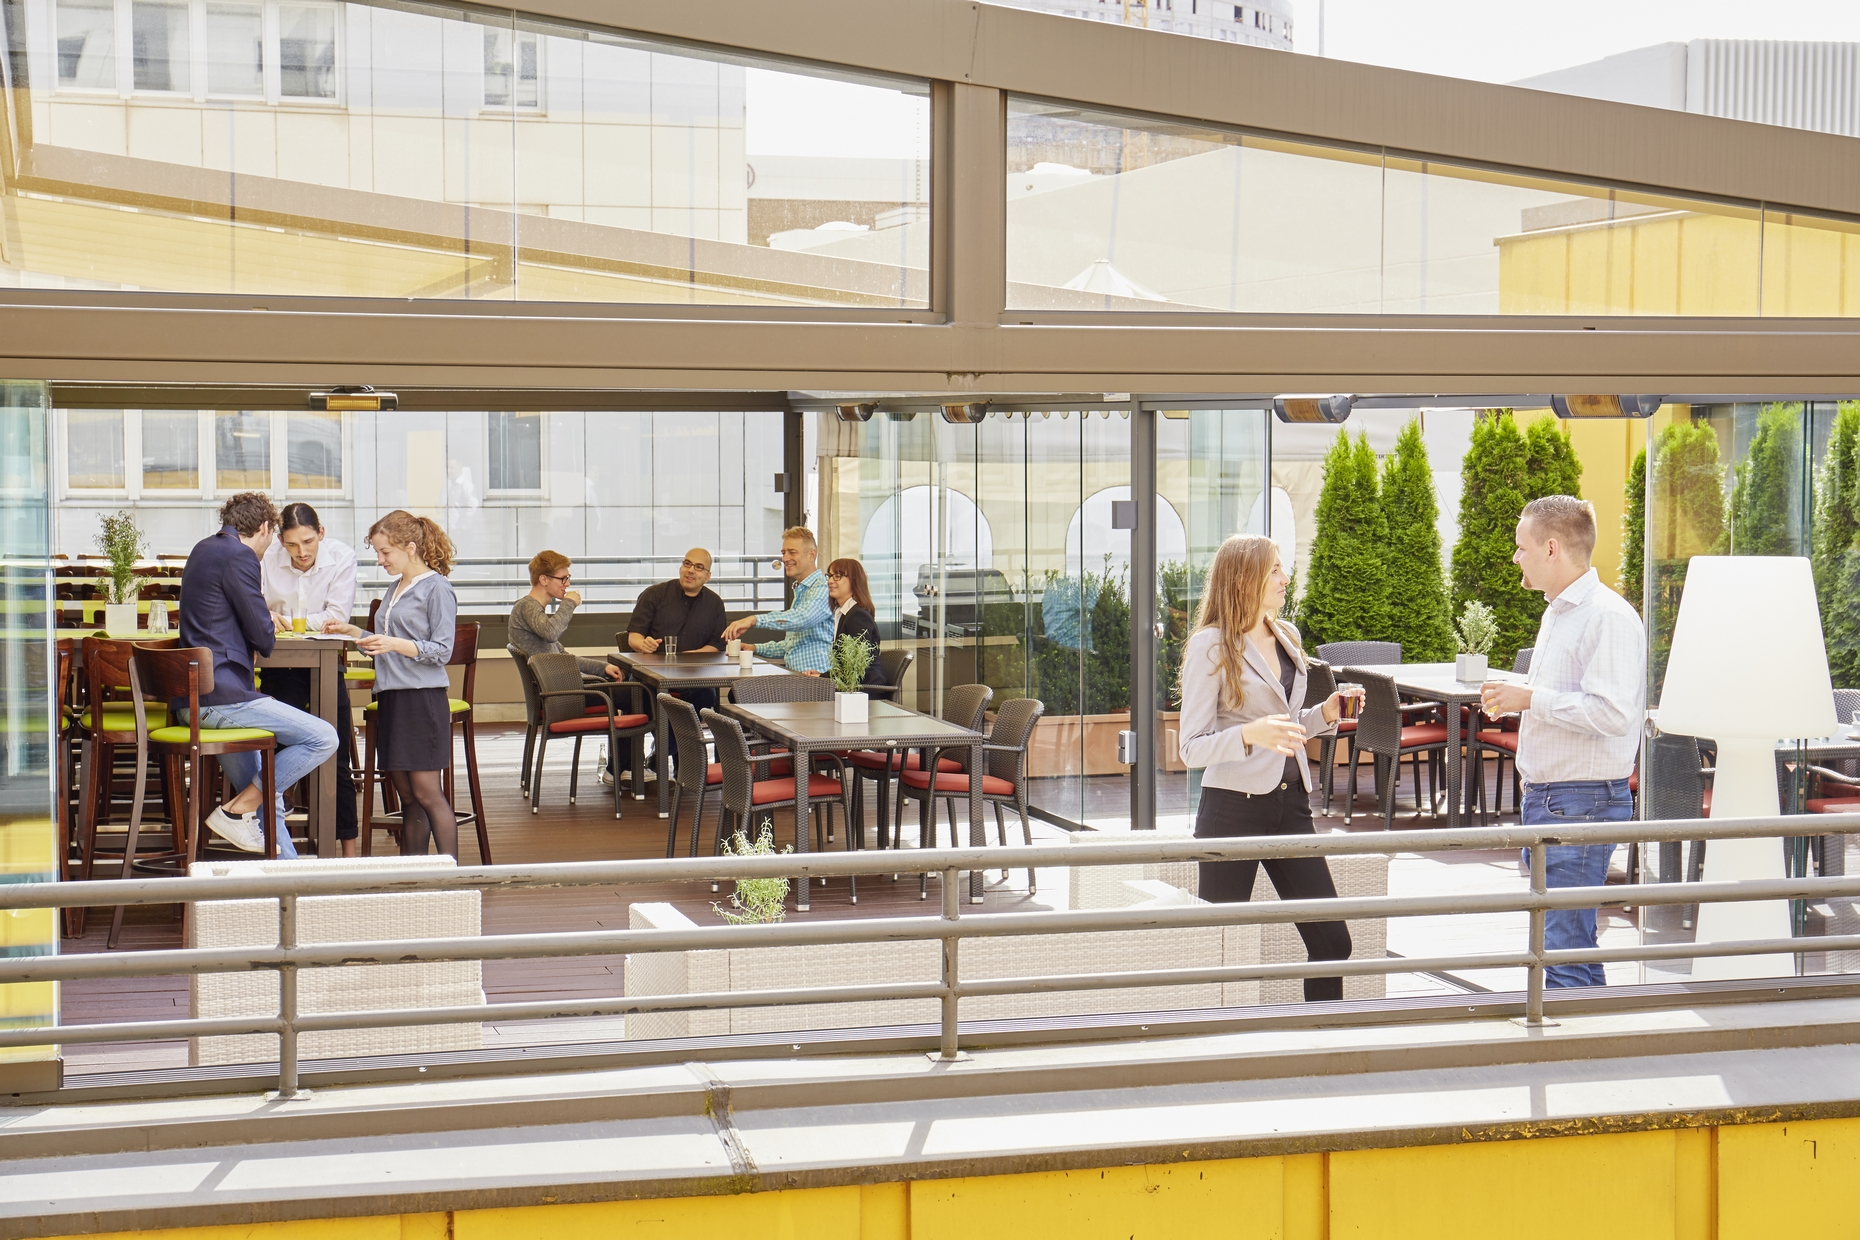 Fotogalerie Schulungsraume Lounge Wintergarten Und Terrasse